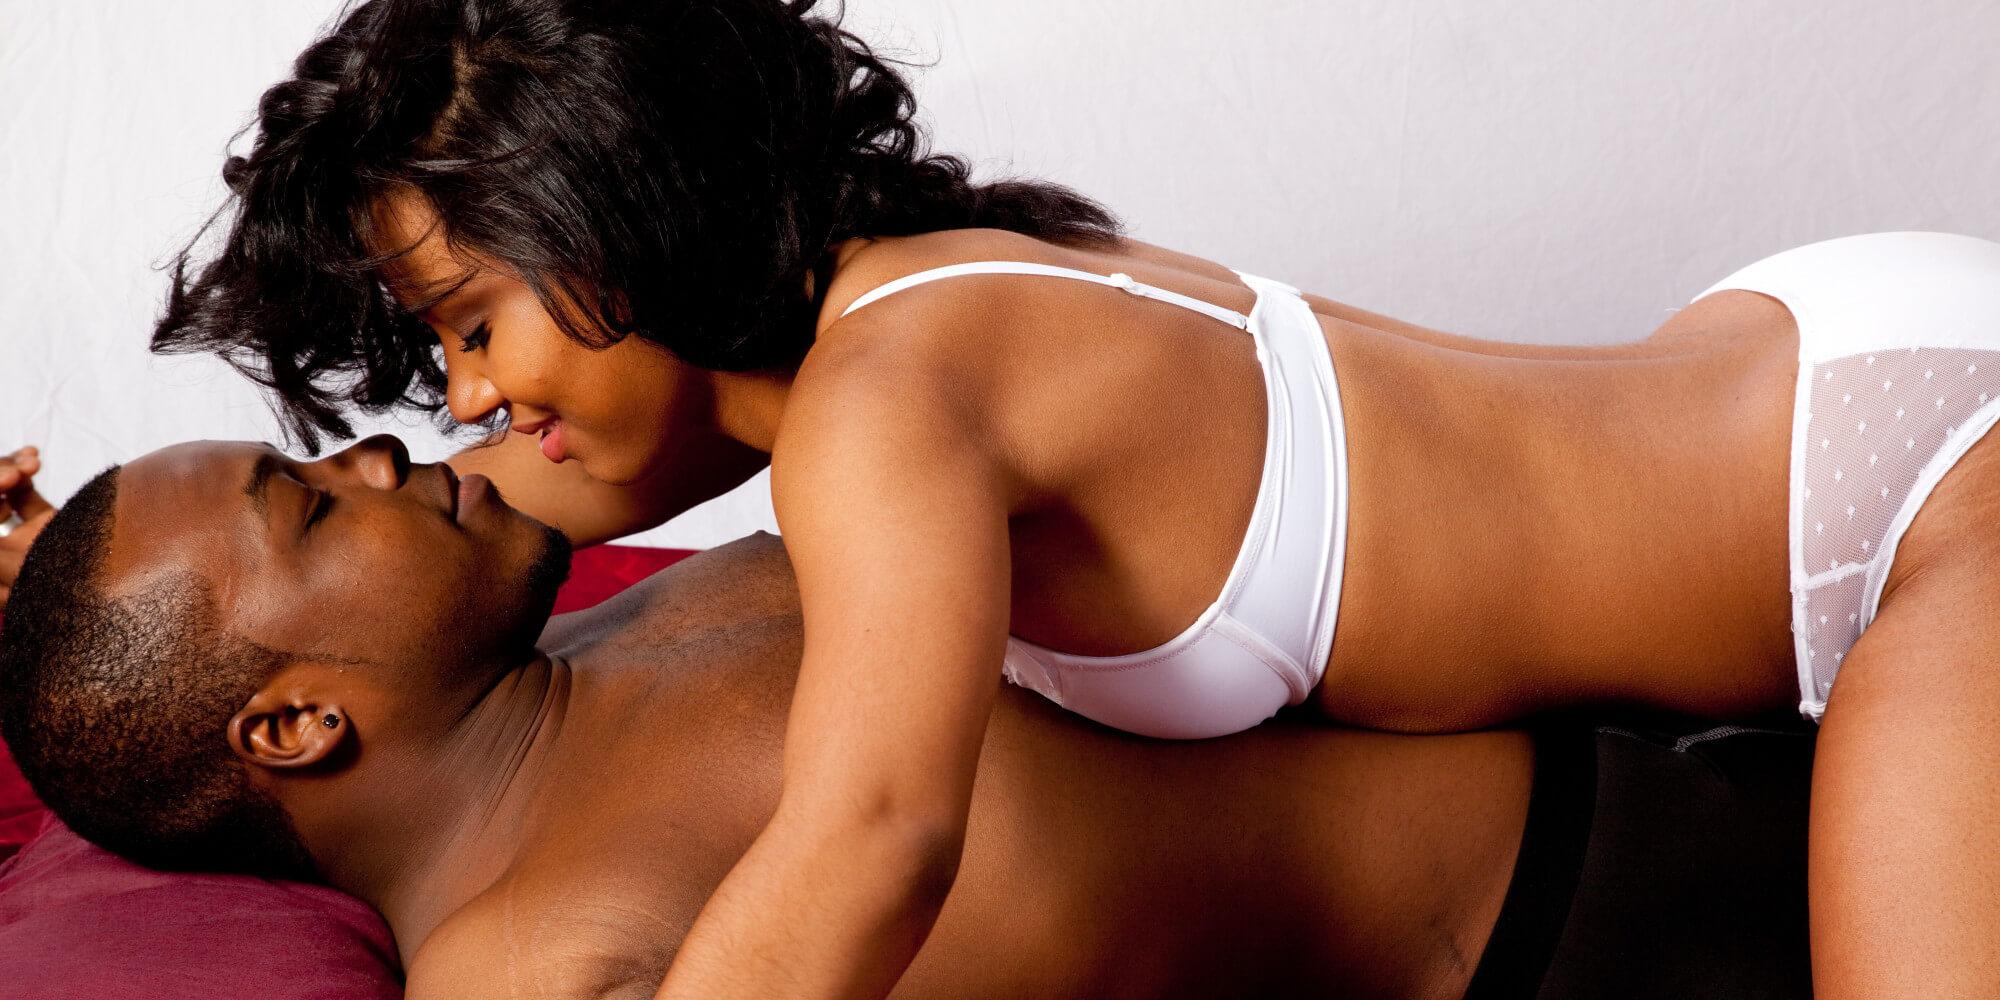 Alterar posição sexual